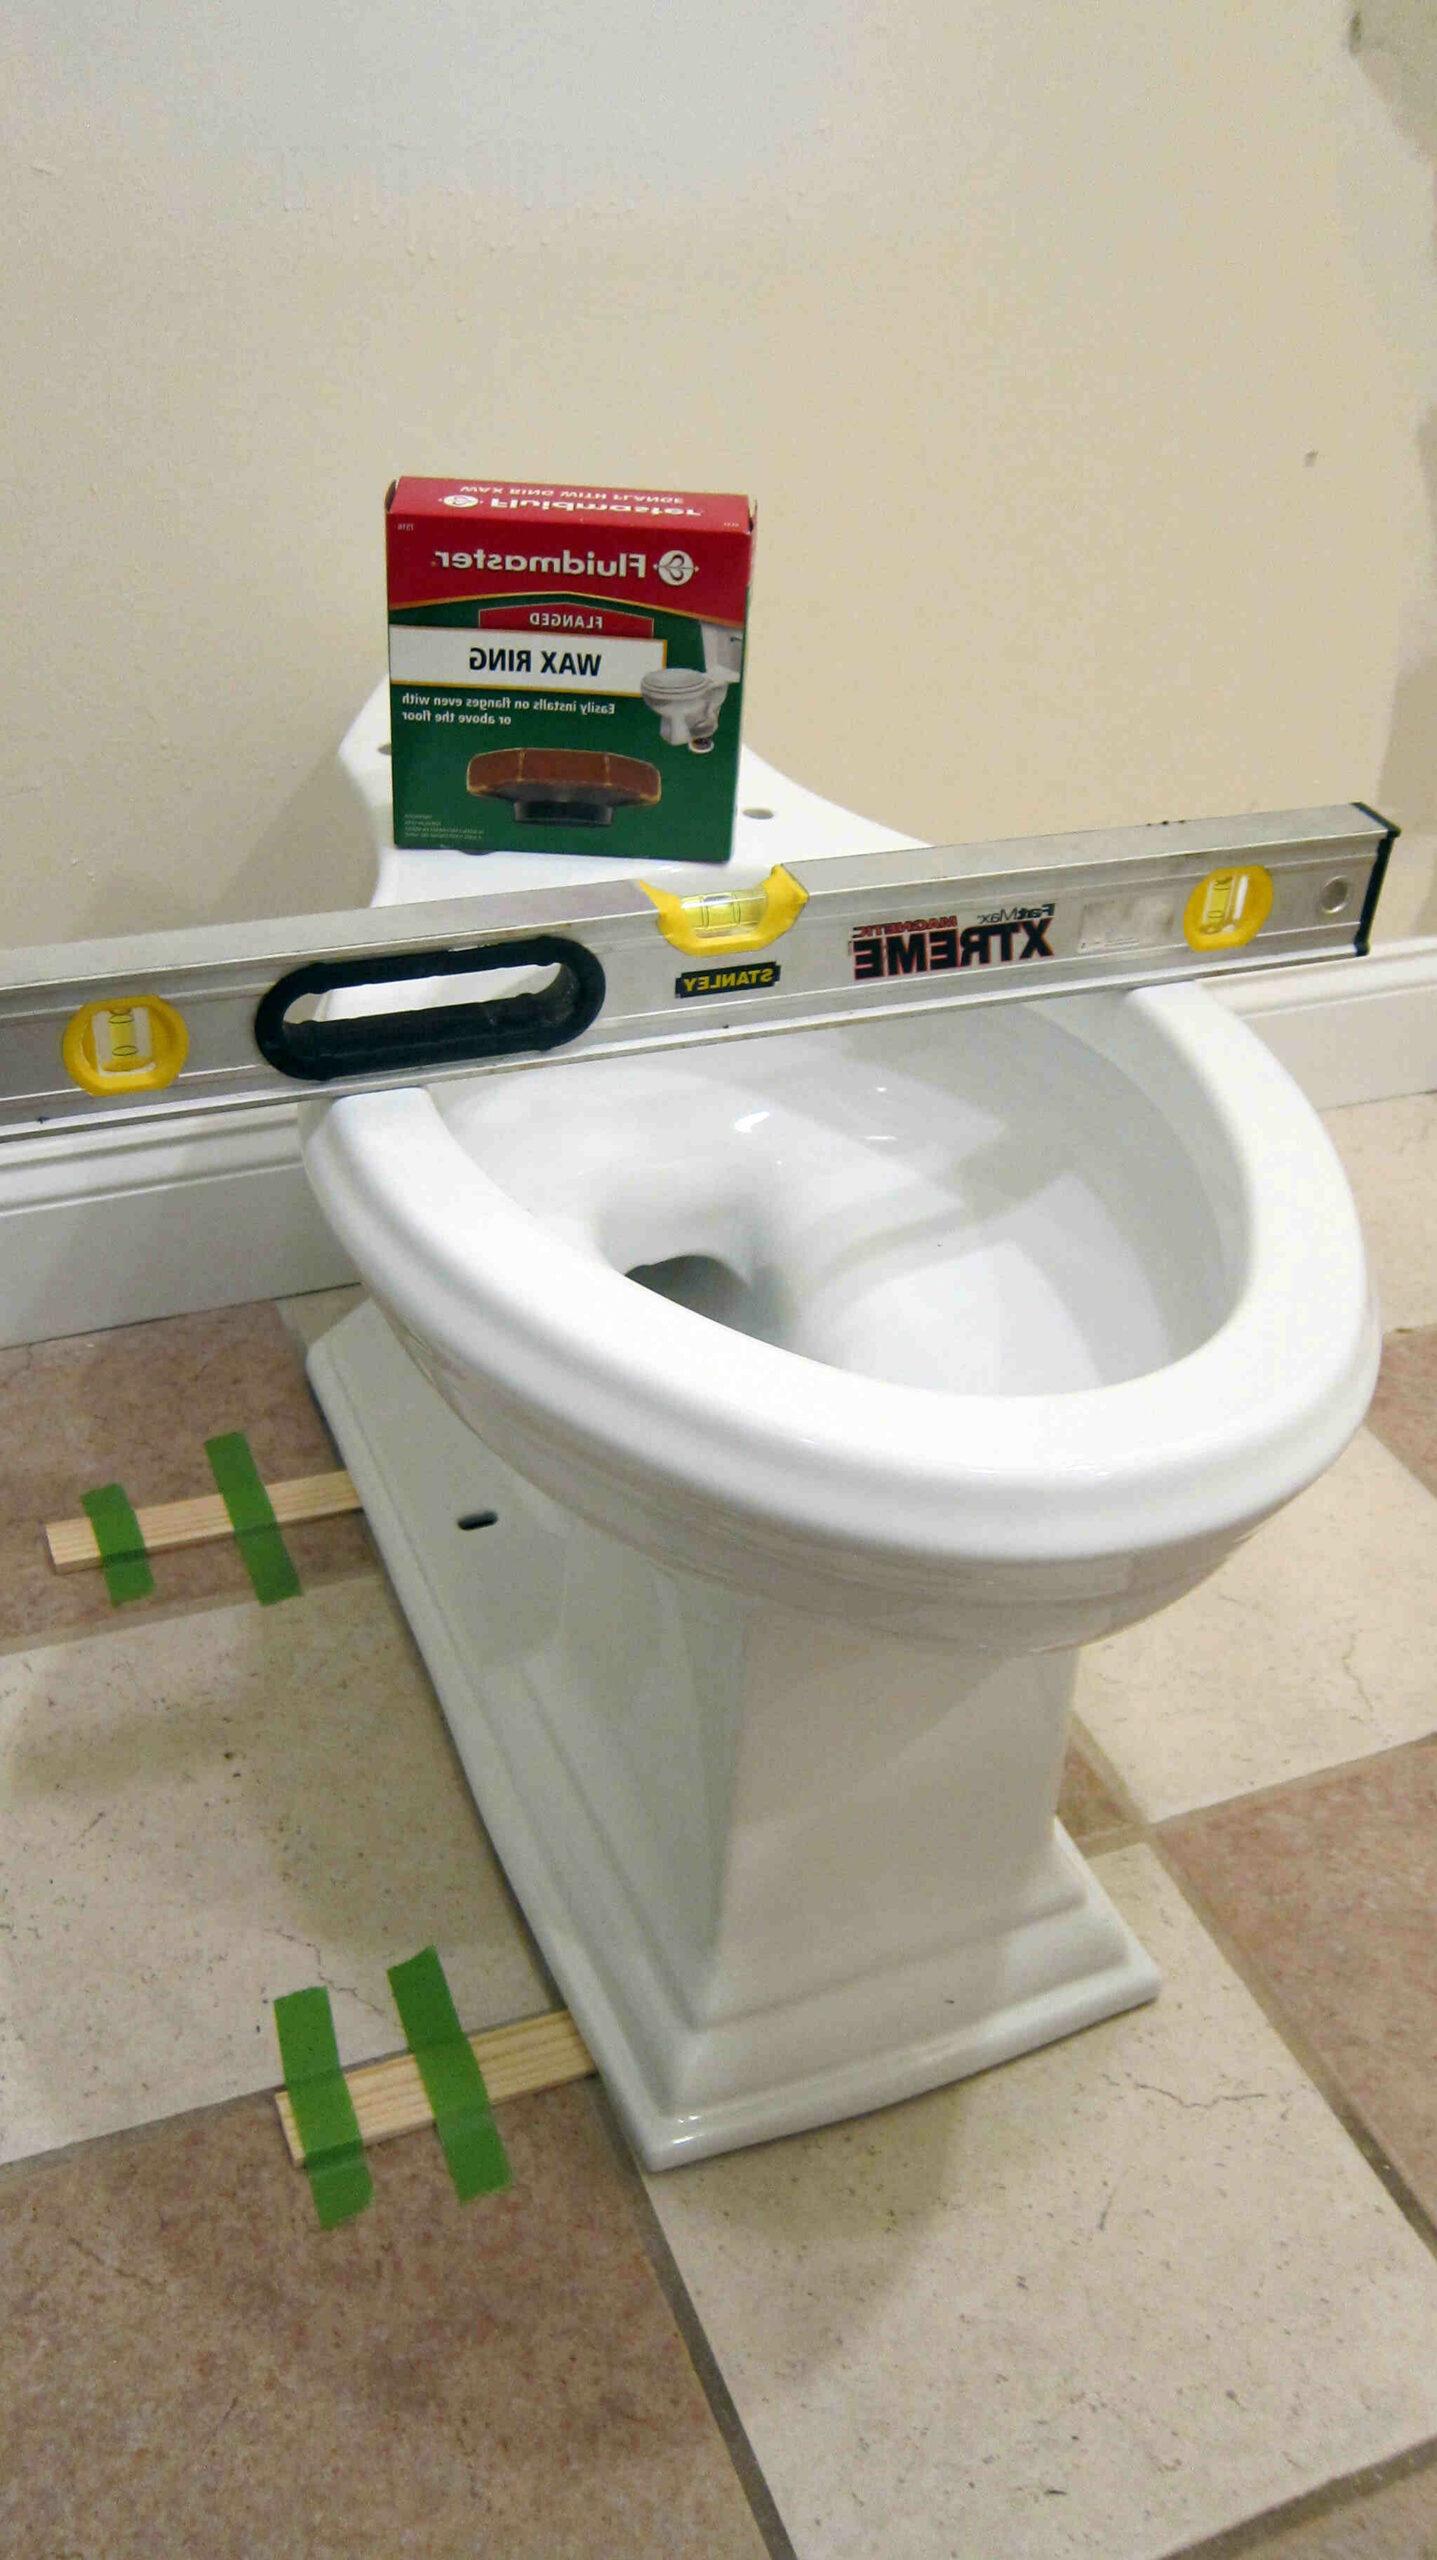 Comment raccorder des toilettes ?